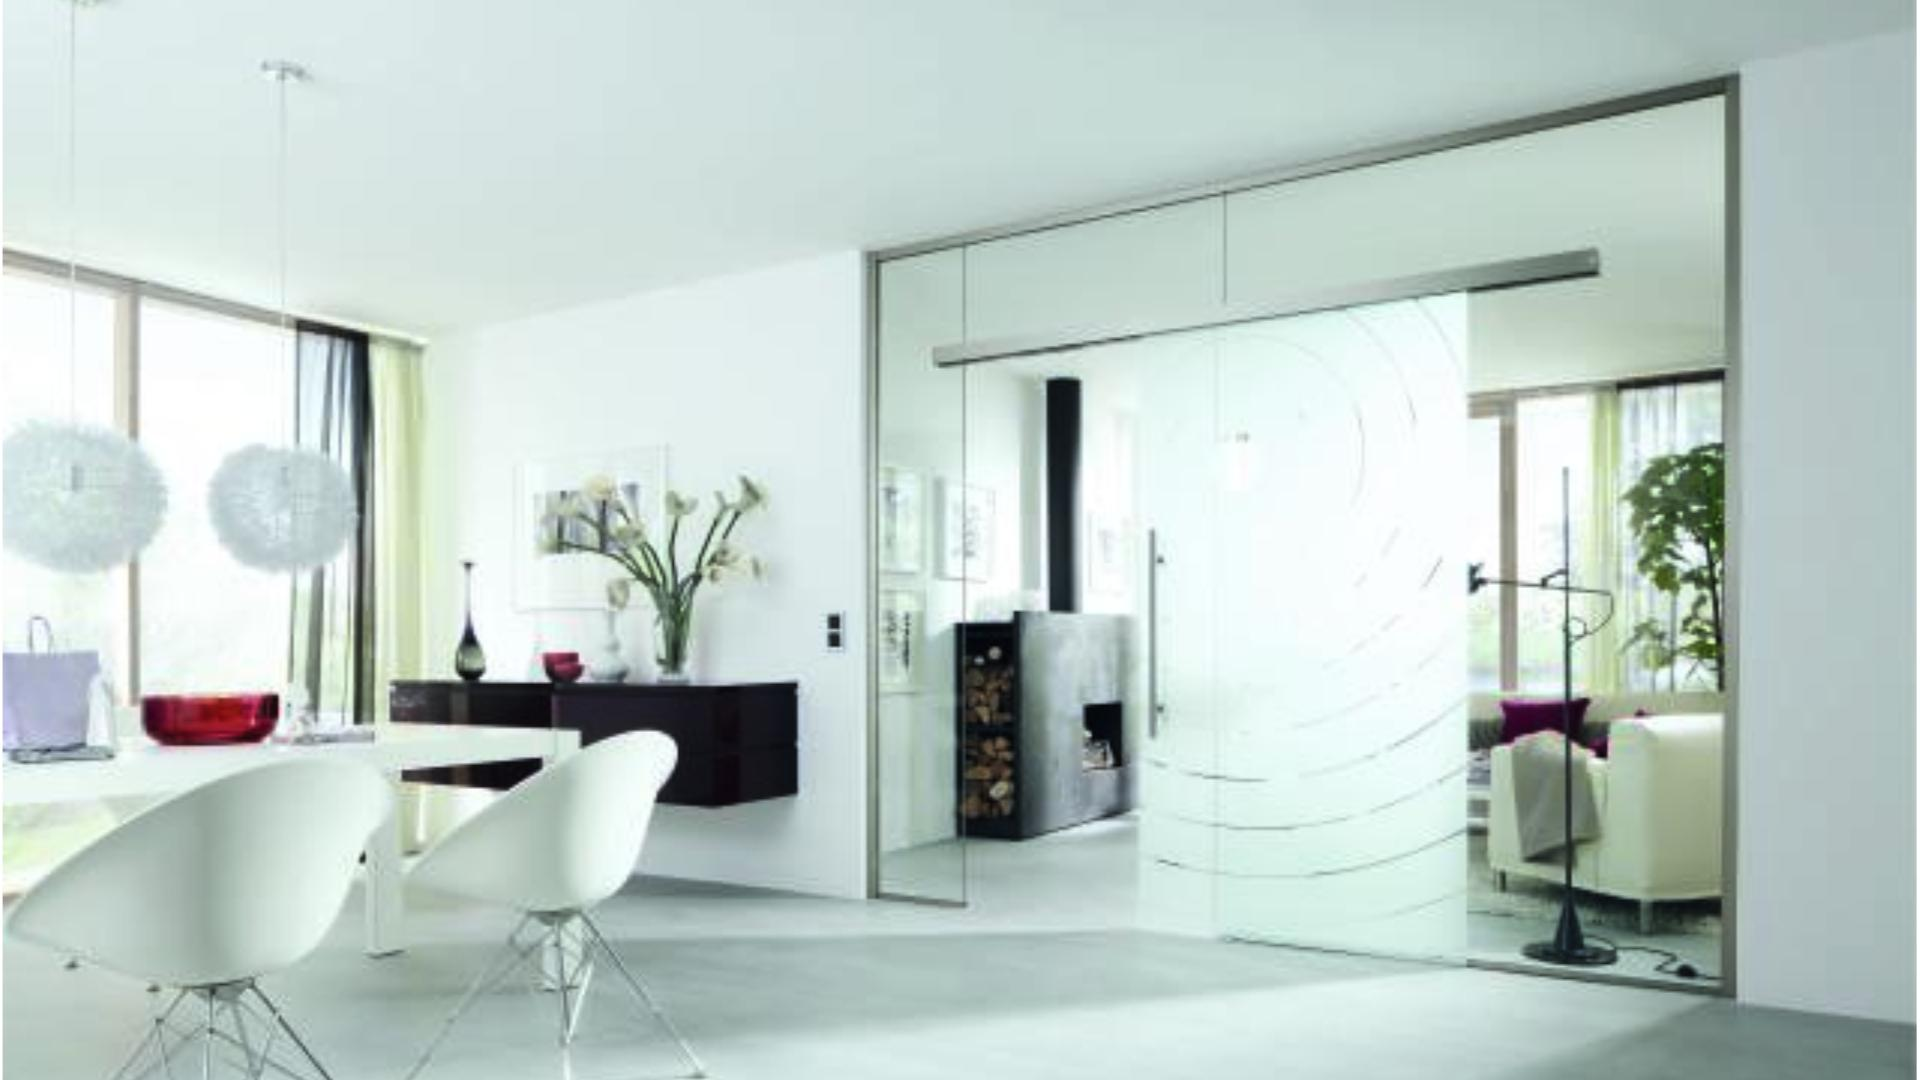 Glas-Schiebetür zwischen Esszimmer und Wohnzimmer